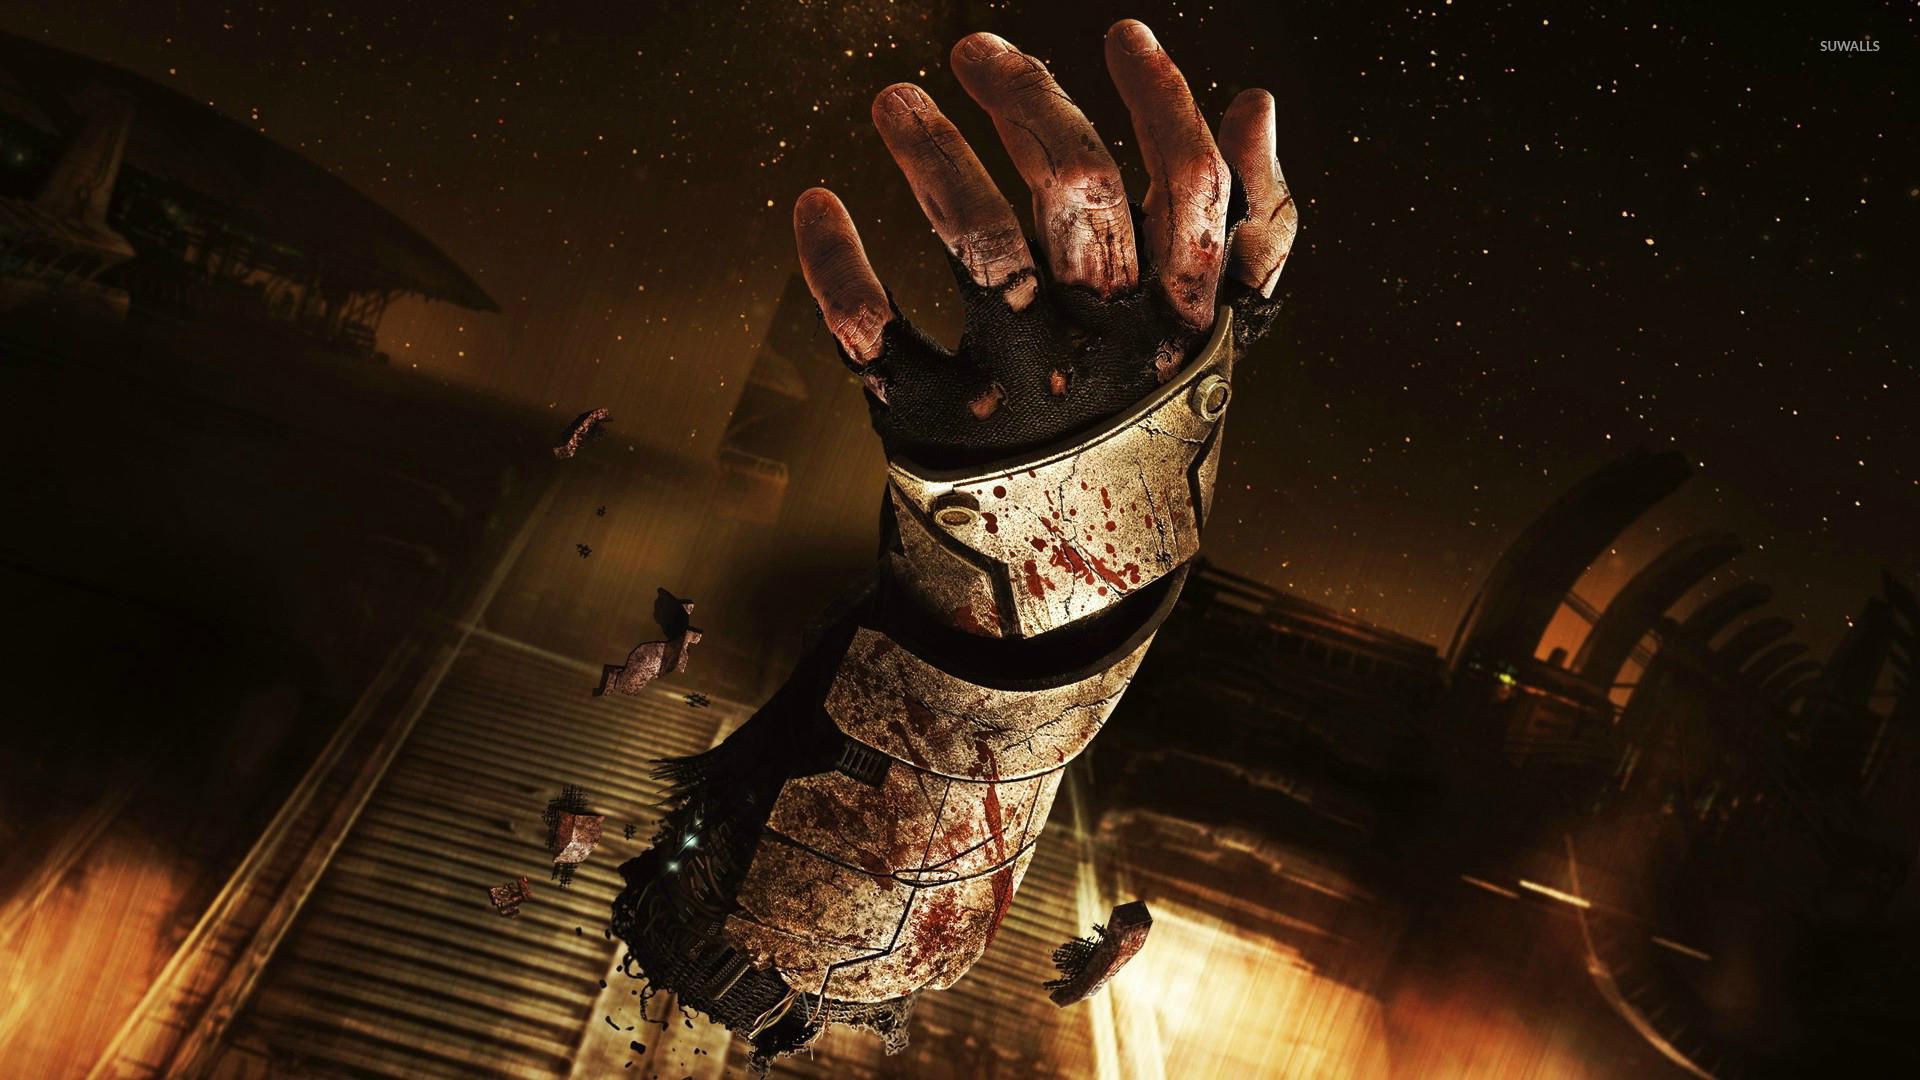 Dead Space Wallpaper 1080p 79 Images